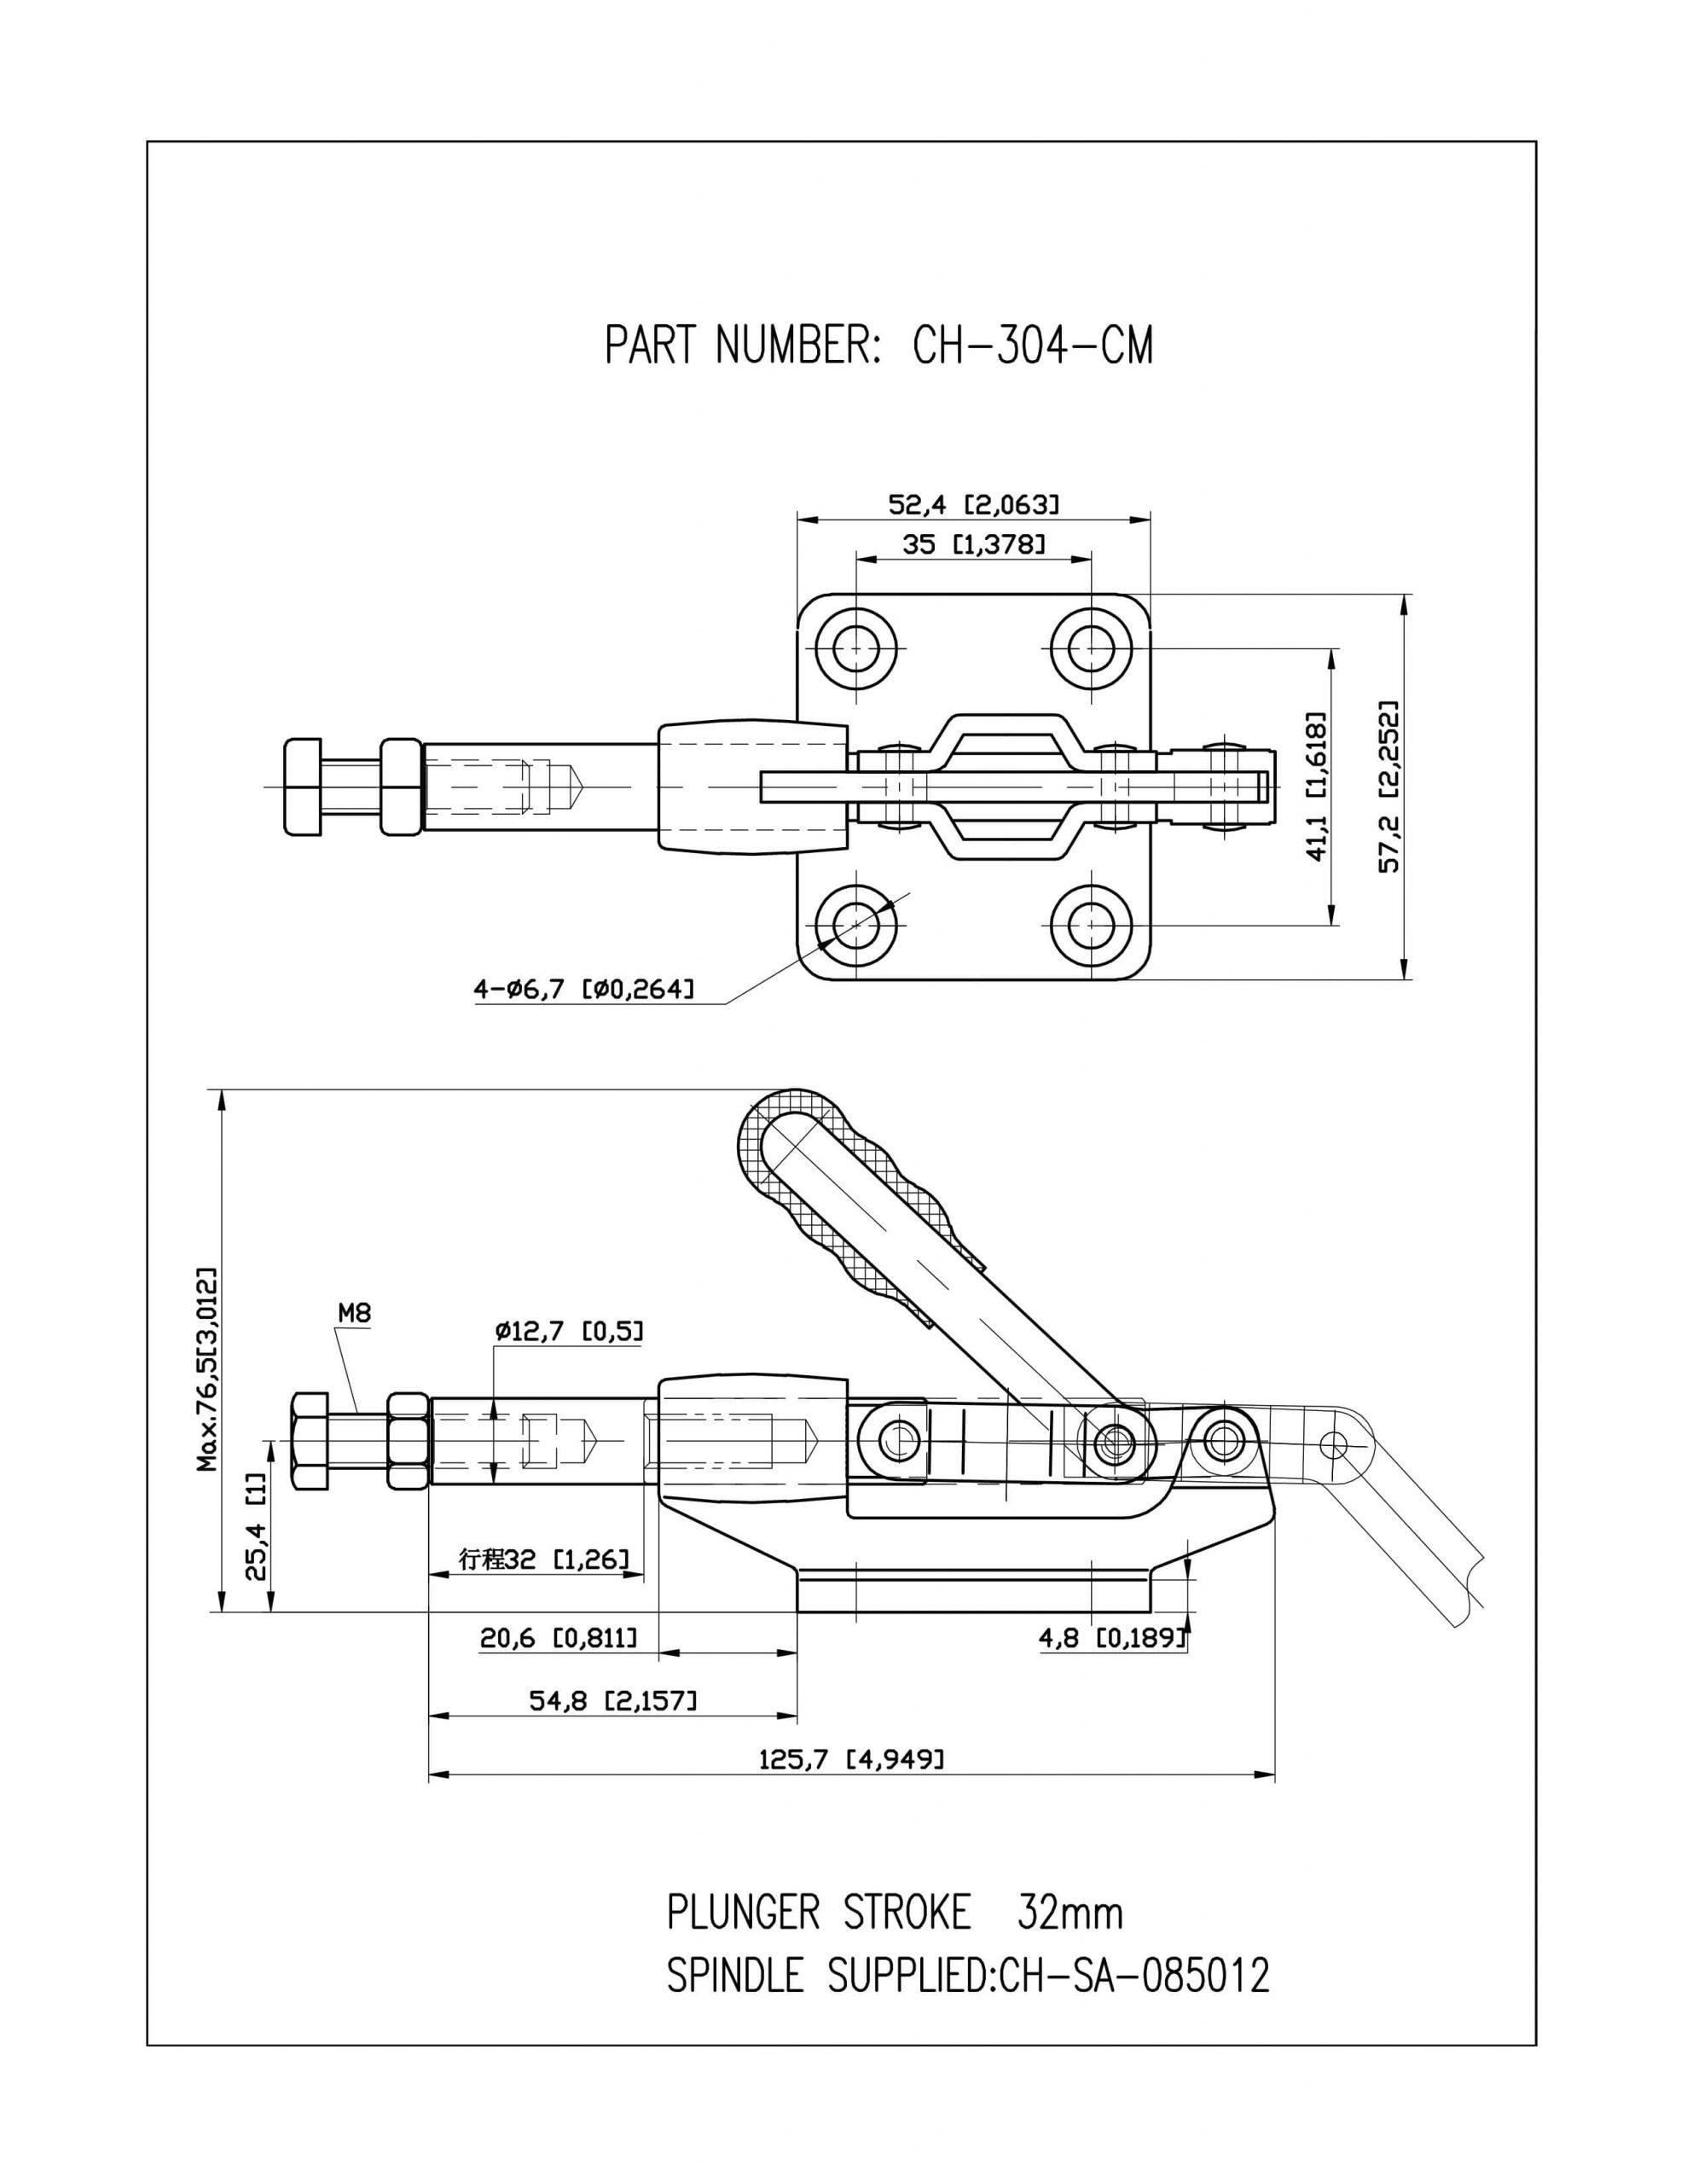 خرید کلمپ فشاری افقی CH-304-CM clamptek